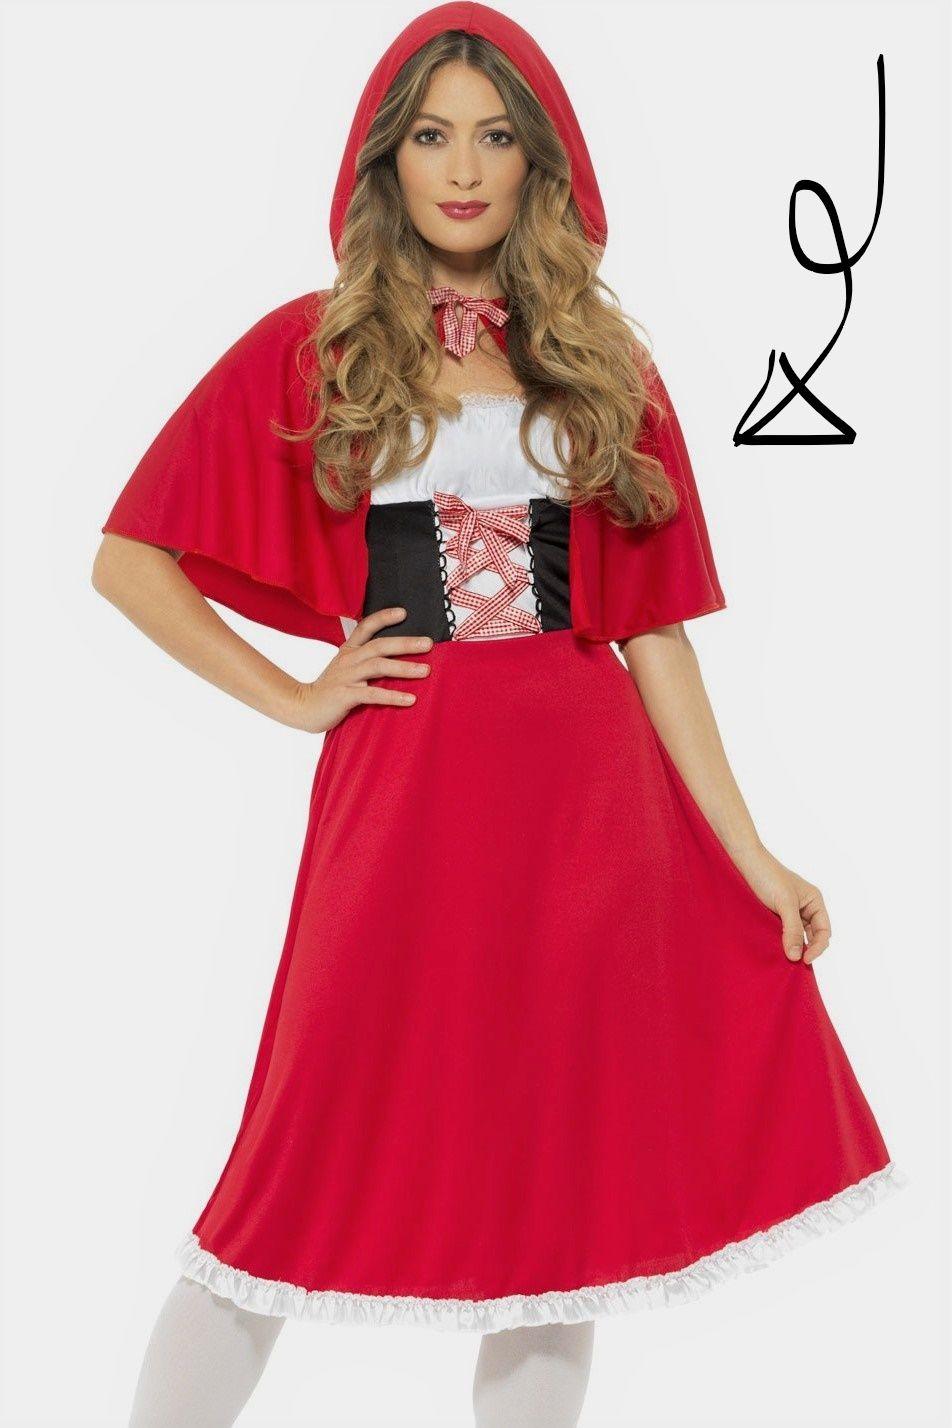 Traumhaftes Rotkappchen Kostum Fur Damen Rotkappchen